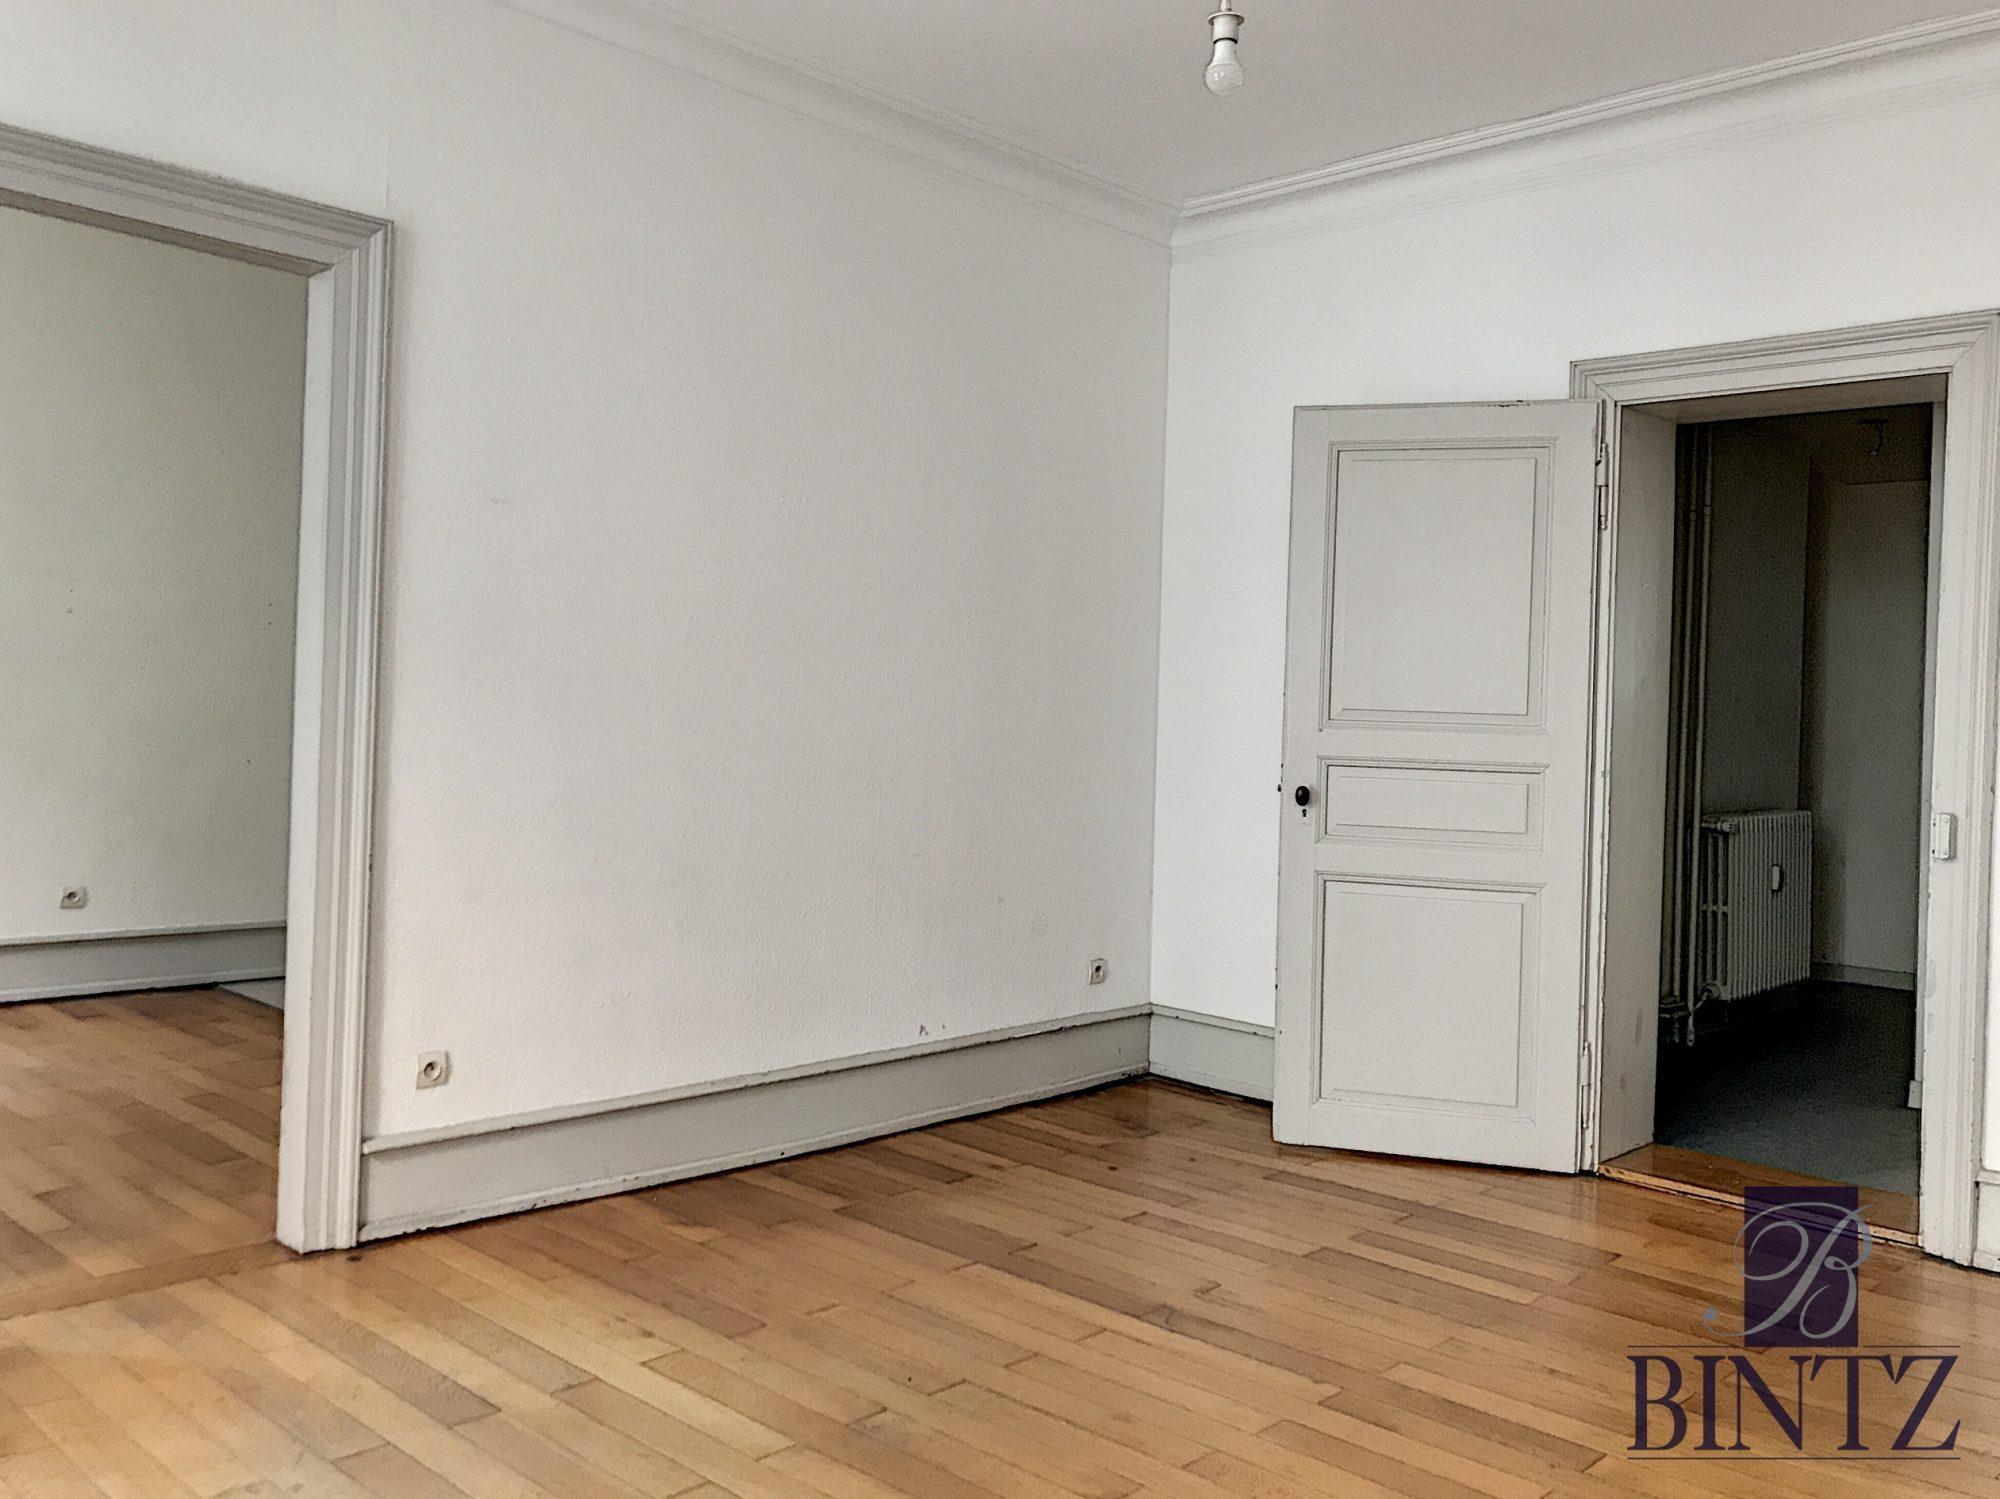 5 pièces à fort potentiel - Devenez propriétaire en toute confiance - Bintz Immobilier - 3